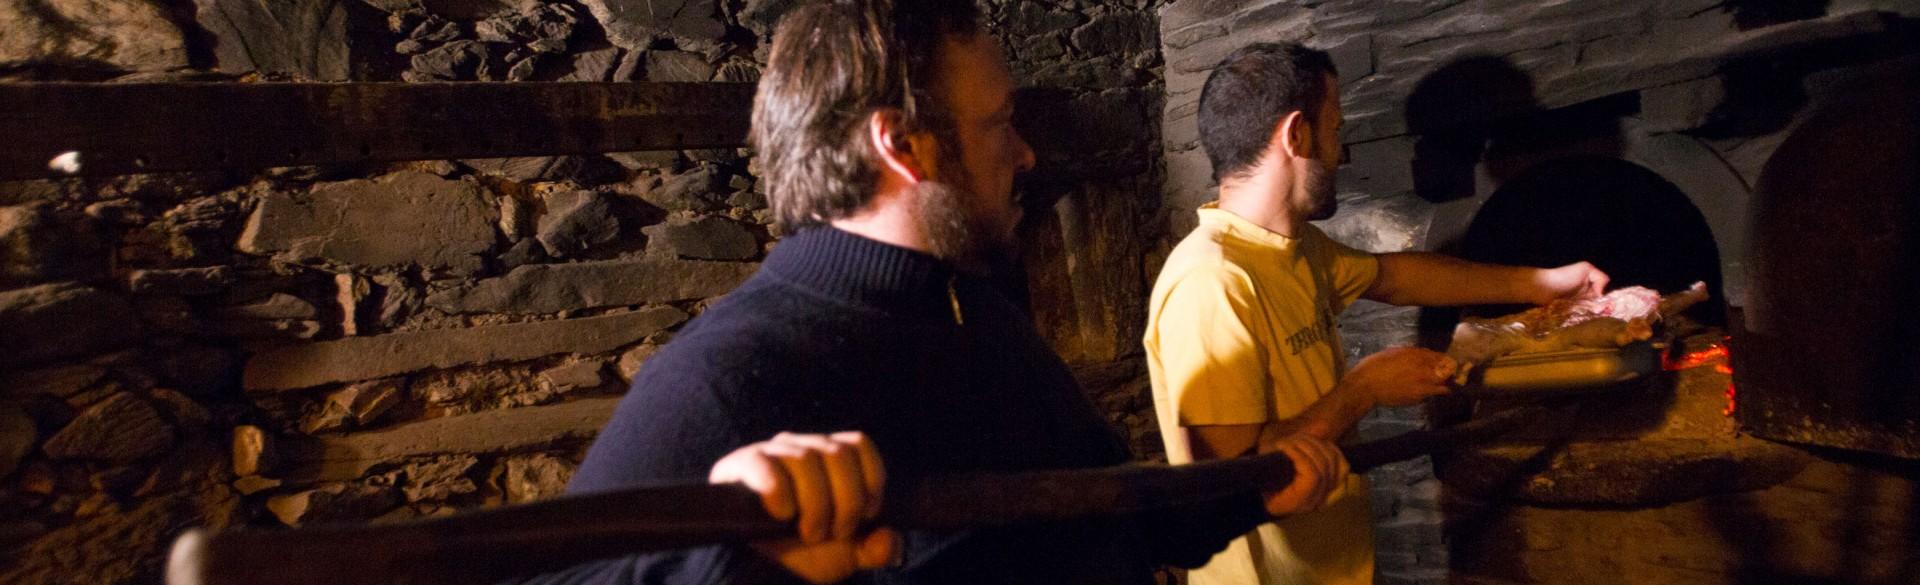 O cabrito é assado no mítico forno comunitário da aldeia